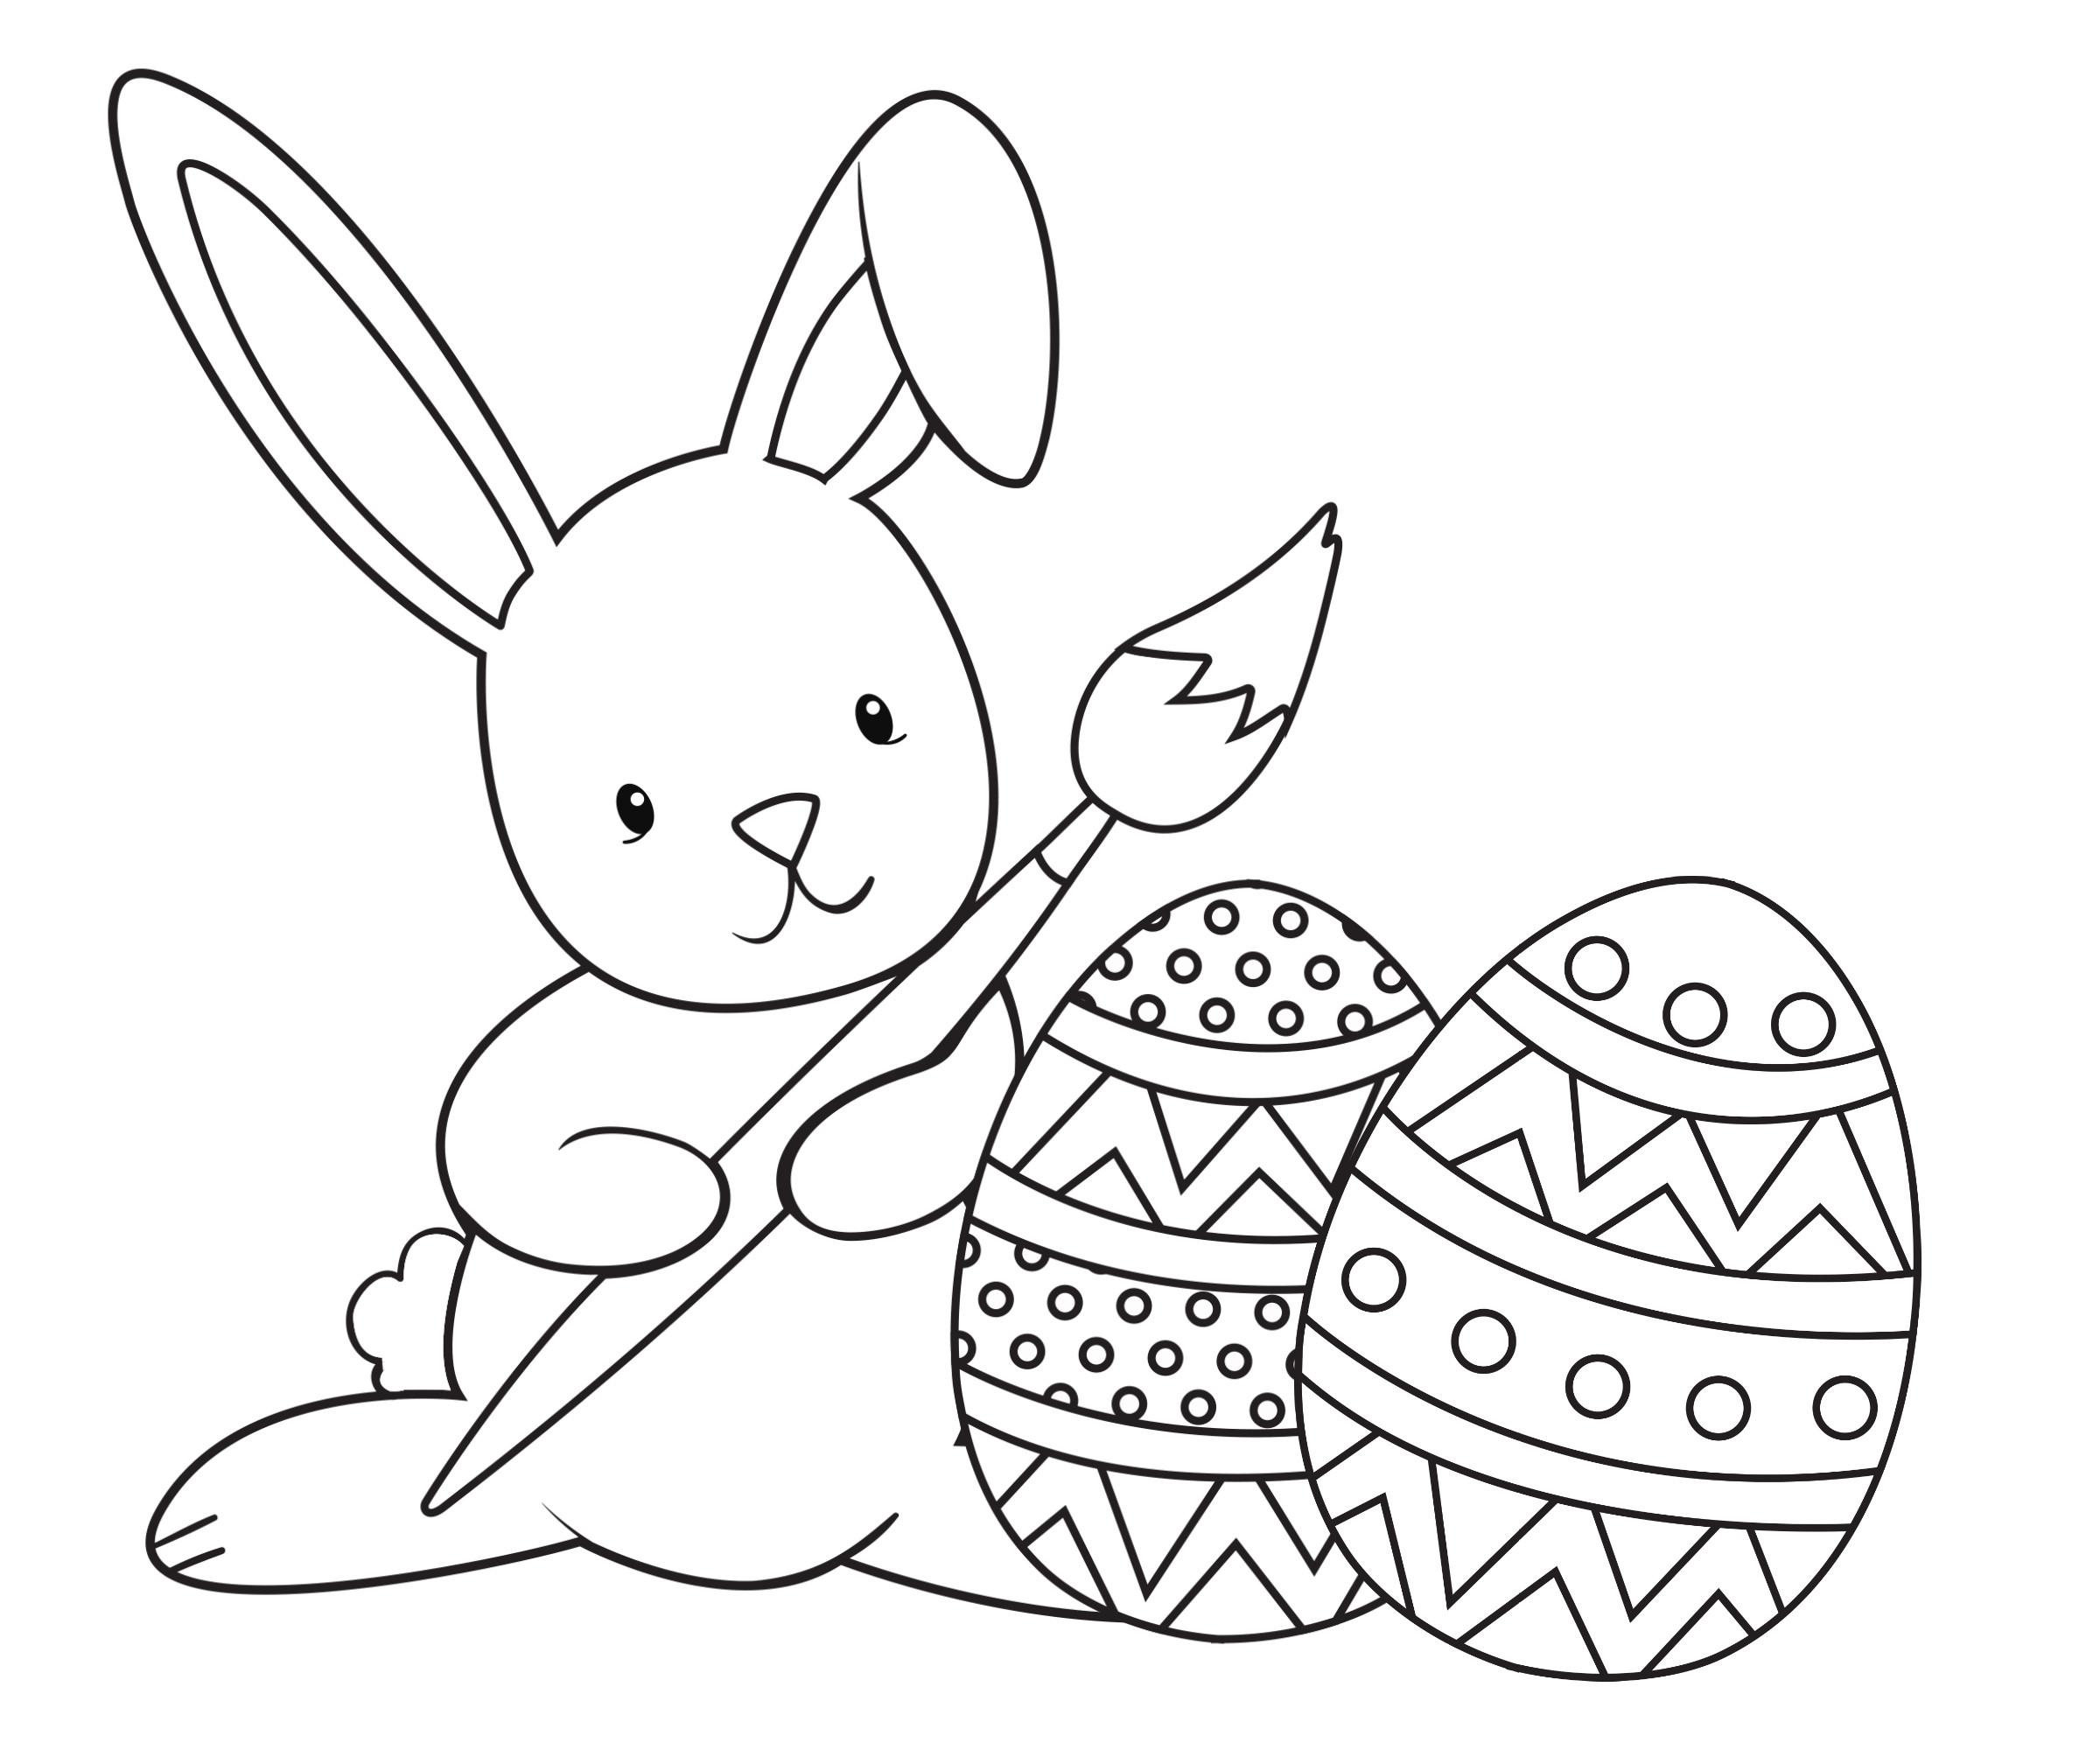 Oster Malvorlagen  Oster Ausmalbilder Kinderbilder Download